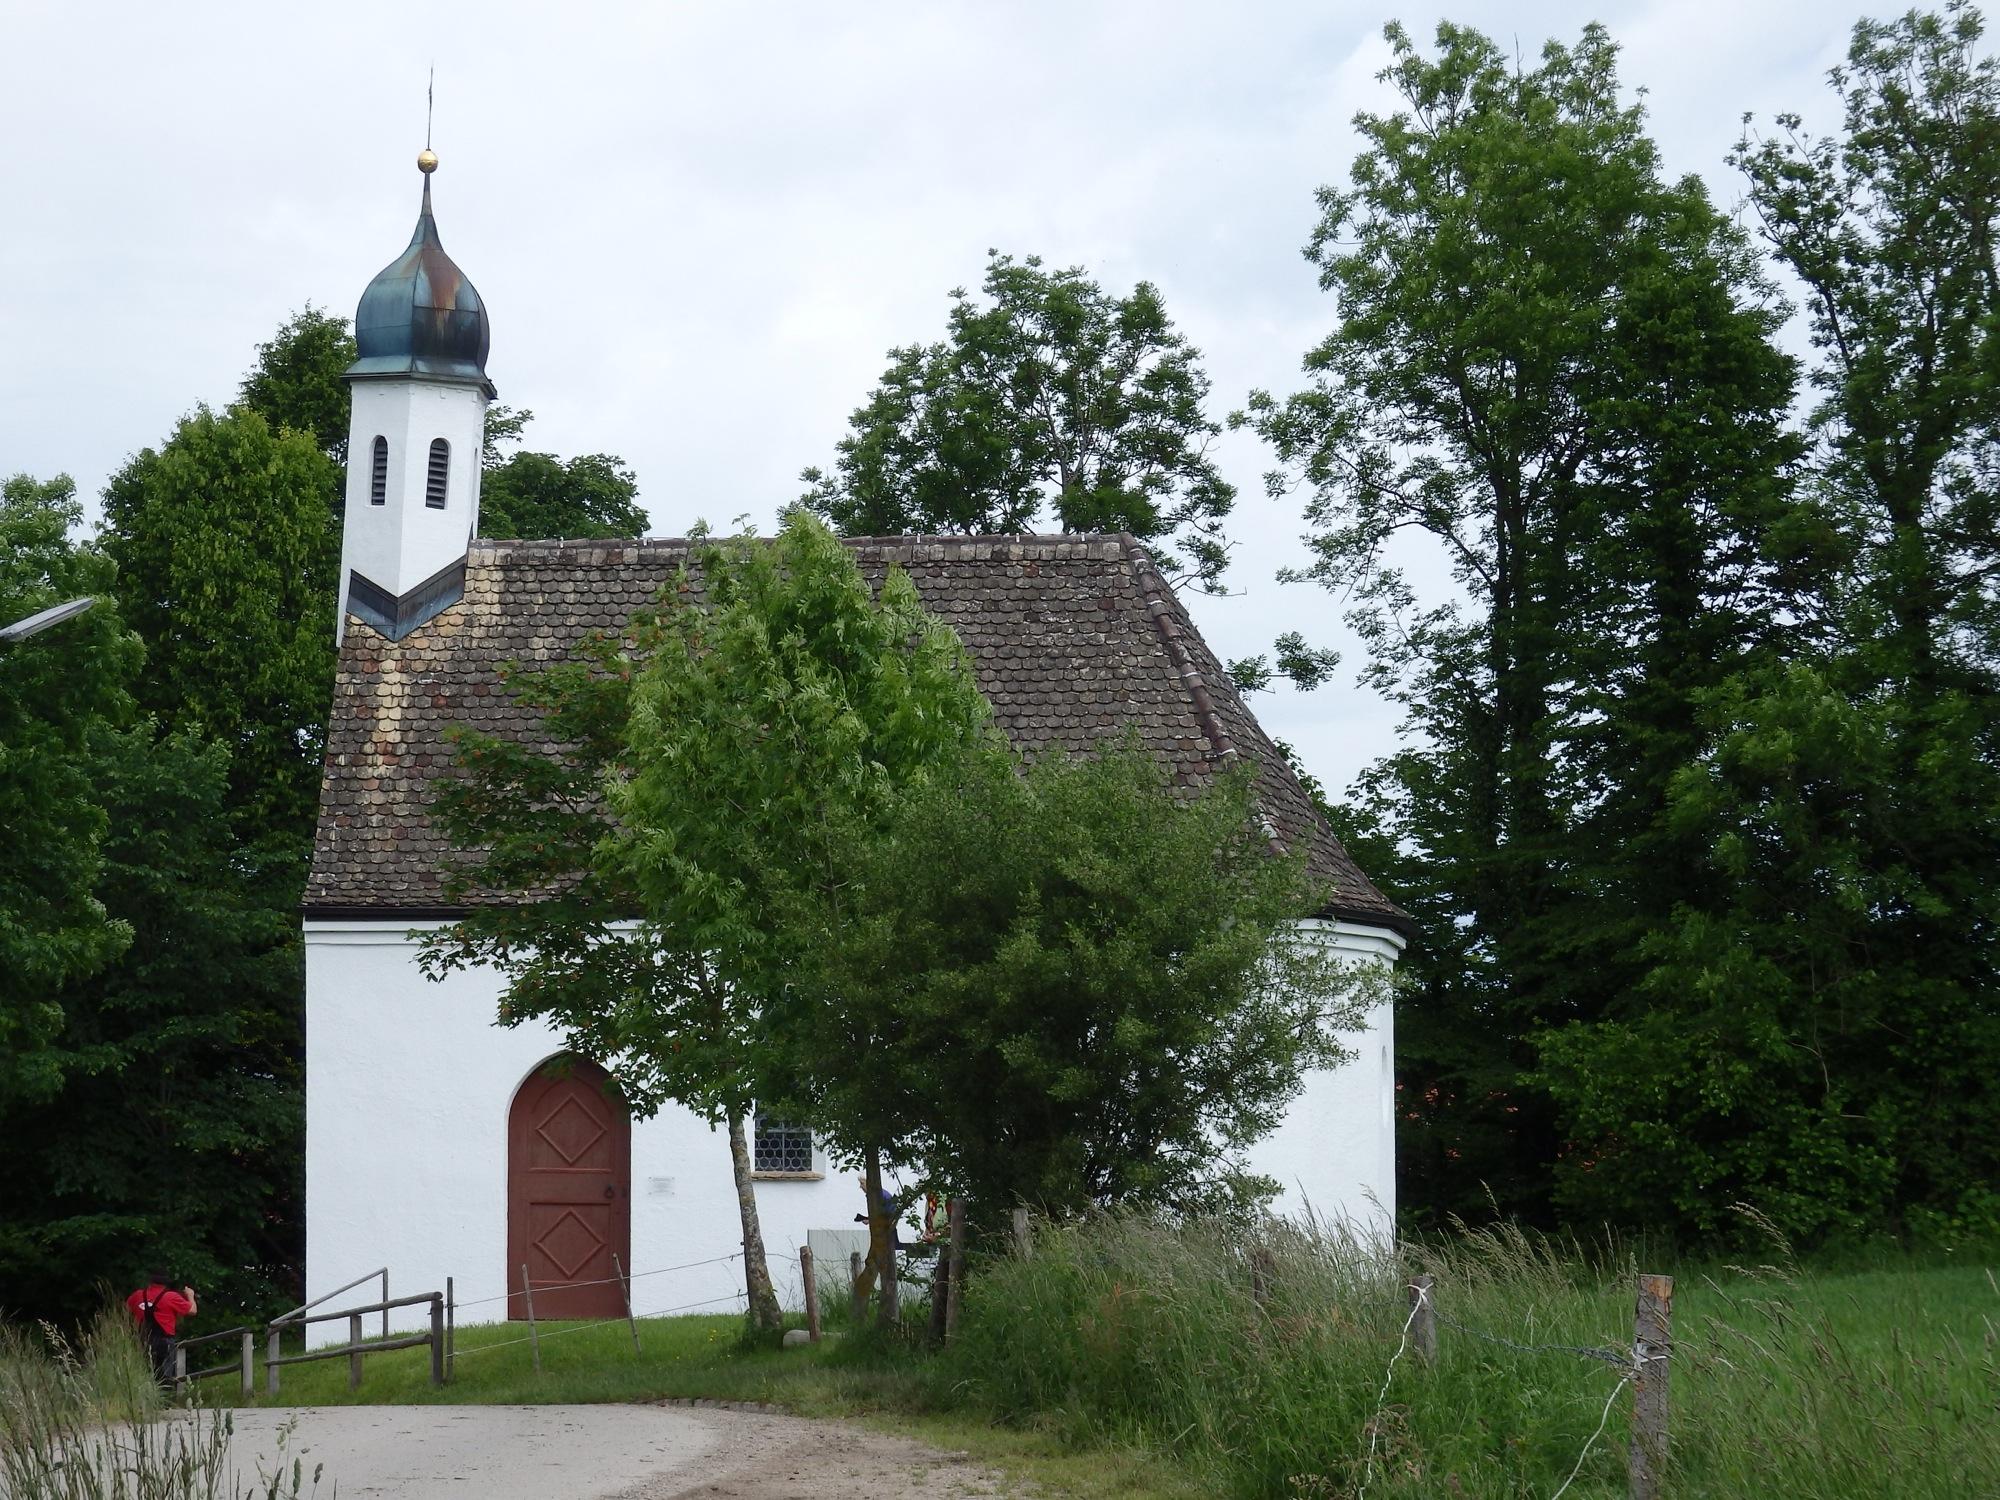 Die Kapelle von Dettenschwang (Copyright: Brigitte Bergmaier)